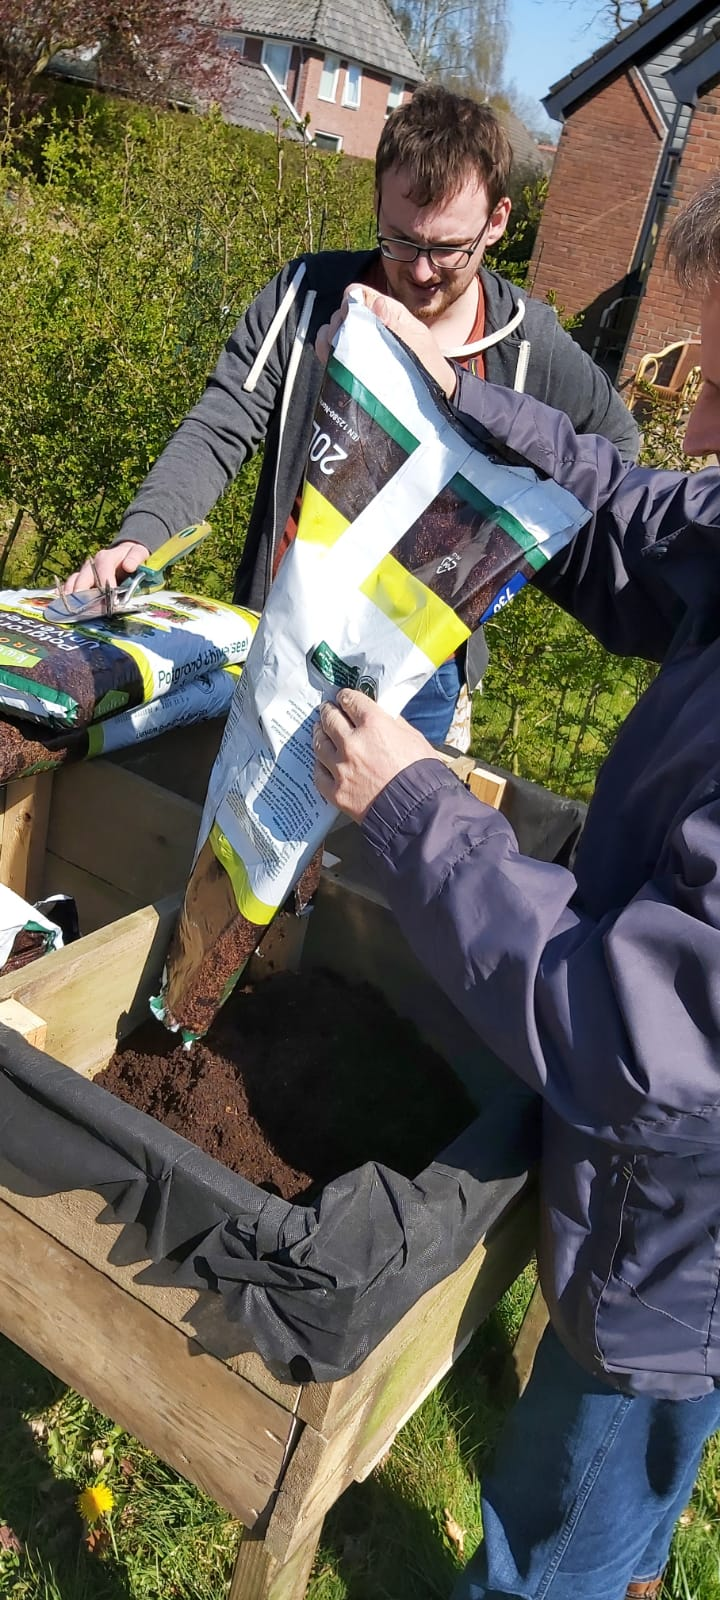 Op vrijdag 16 april was het tijd om de tafel naar buiten te verplaatsen en te vullen met potgrond